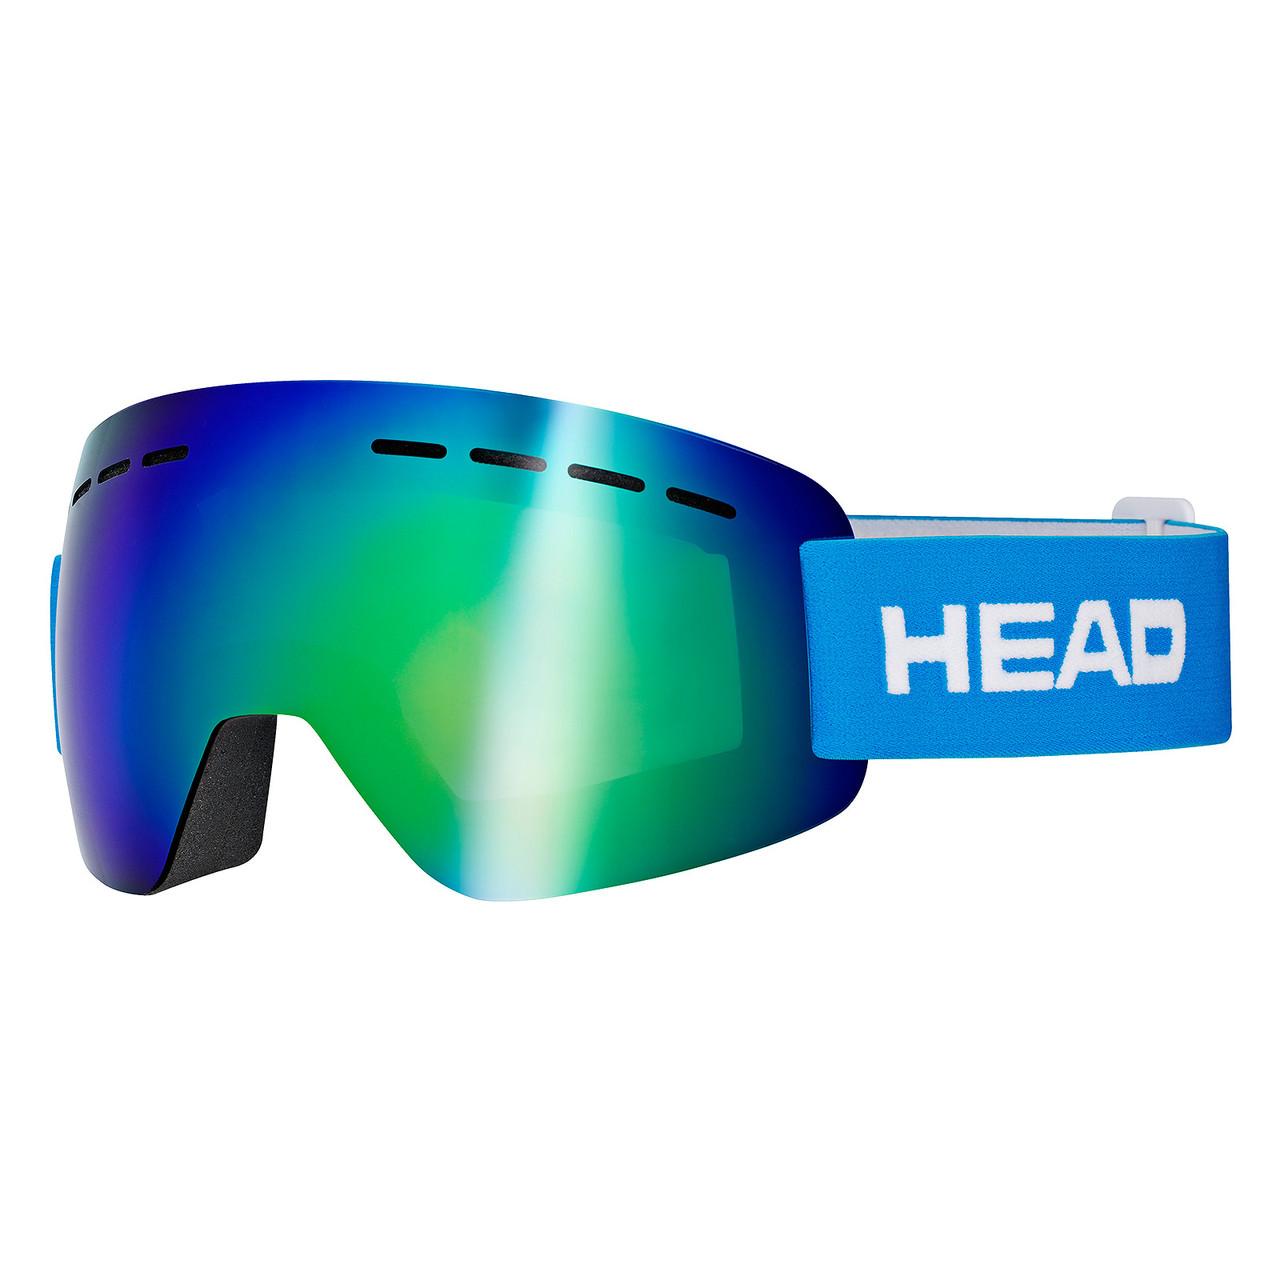 Горнолыжная маска Head solar fmr blue (MD)